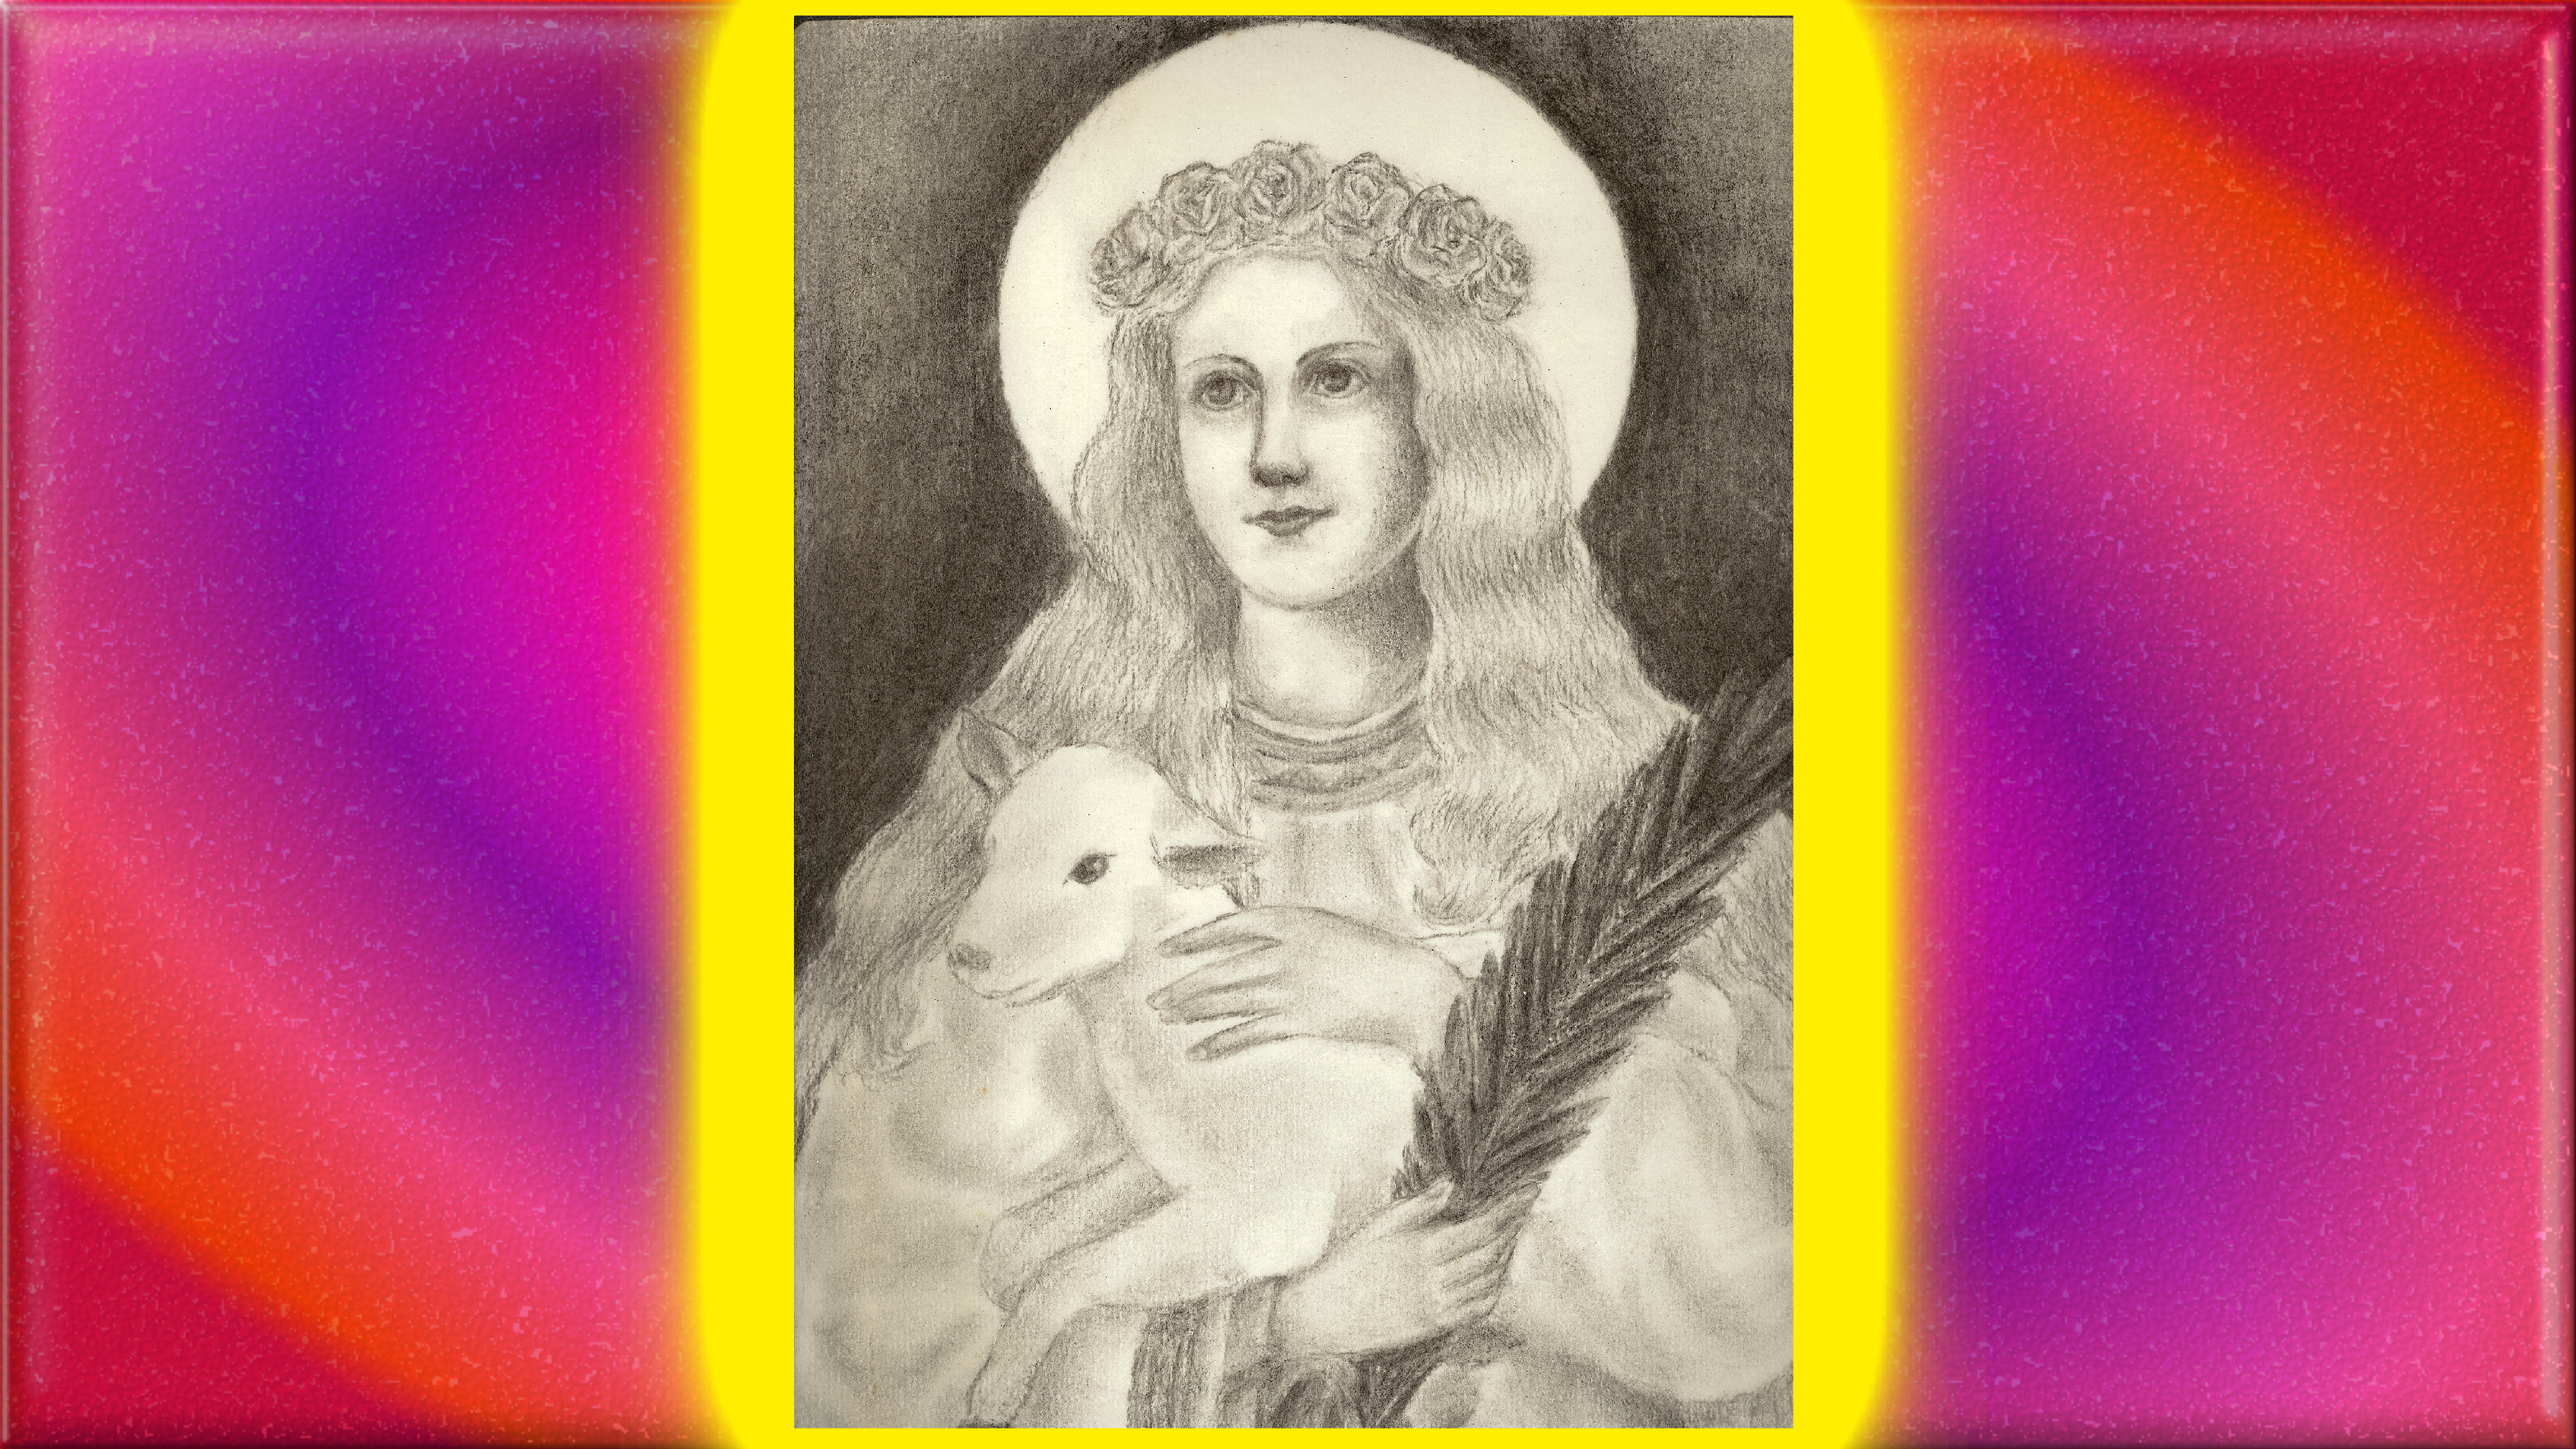 CALENDRIER CATHOLIQUE 2020 (Cantiques, Prières & Images) - Page 3 Sainte-agn-s-55adfbd